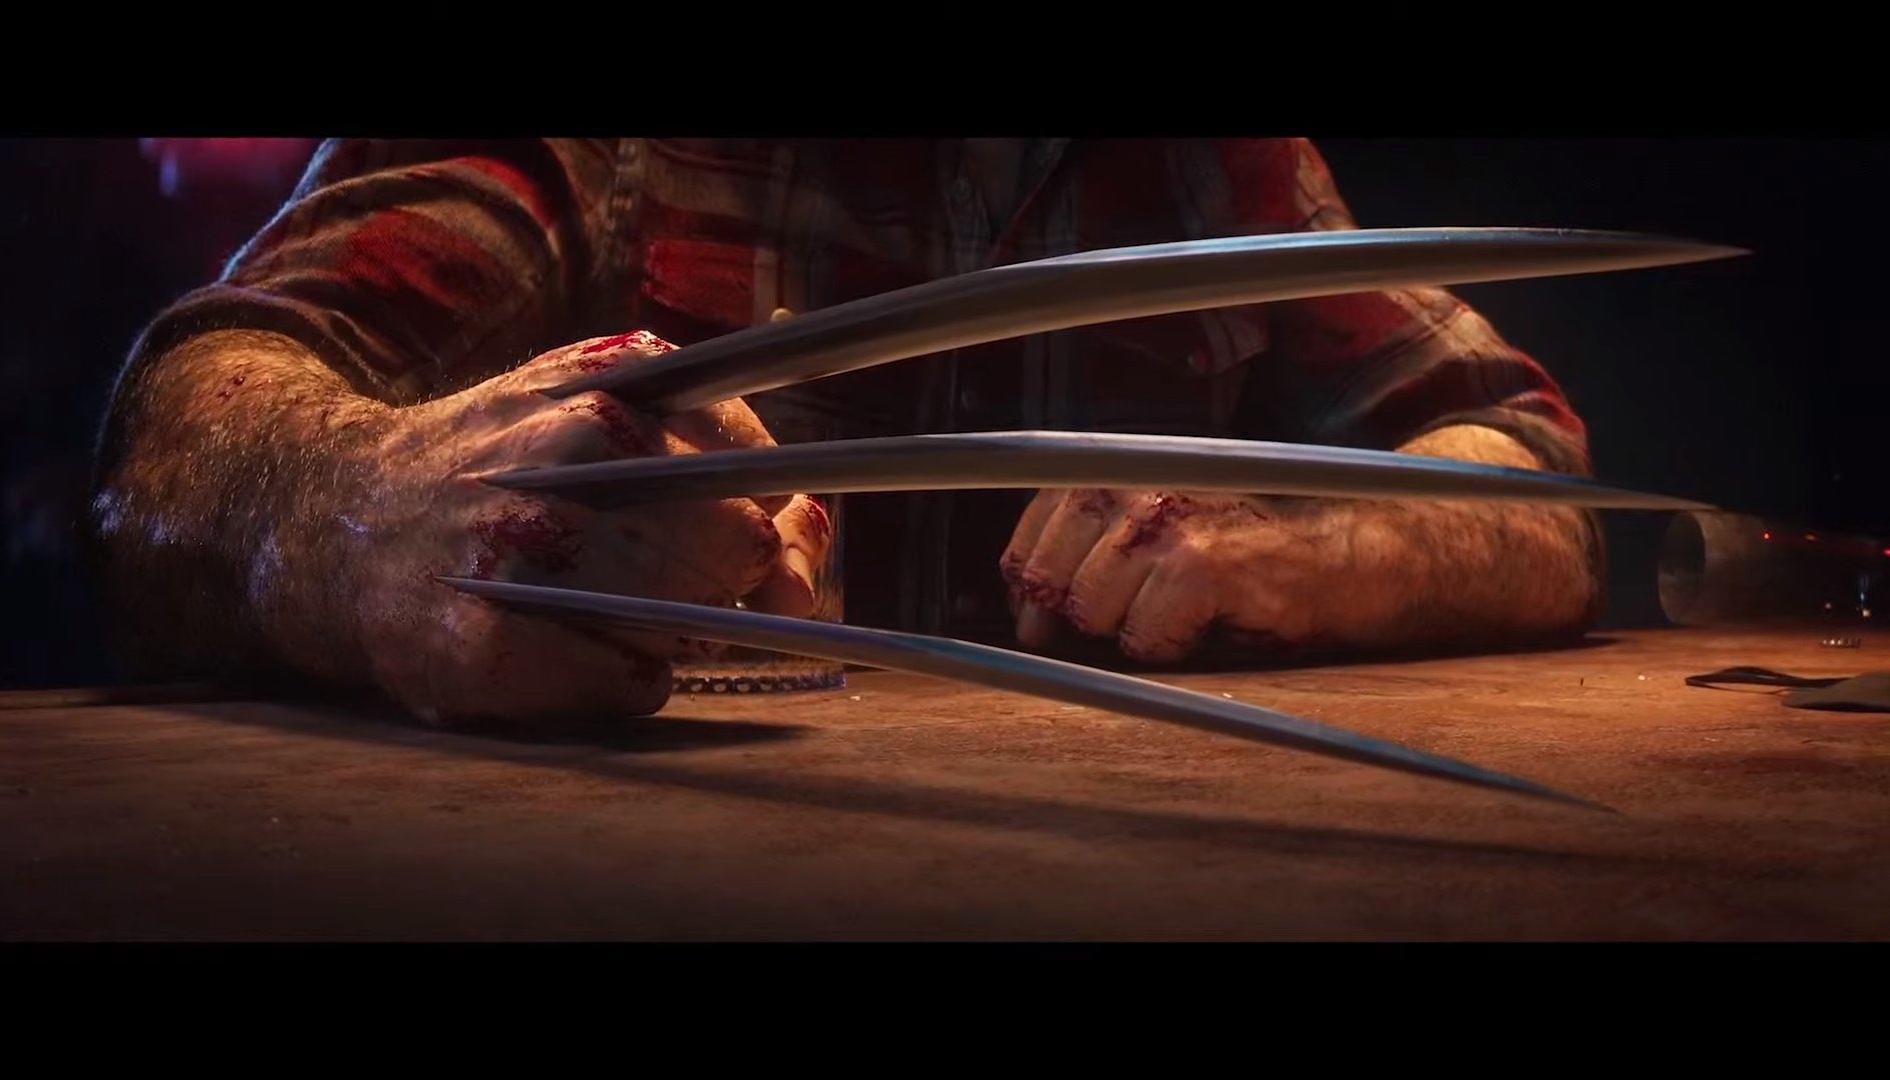 Wolverine, annunciata l'eslusiva PS5 di Insomniac Games